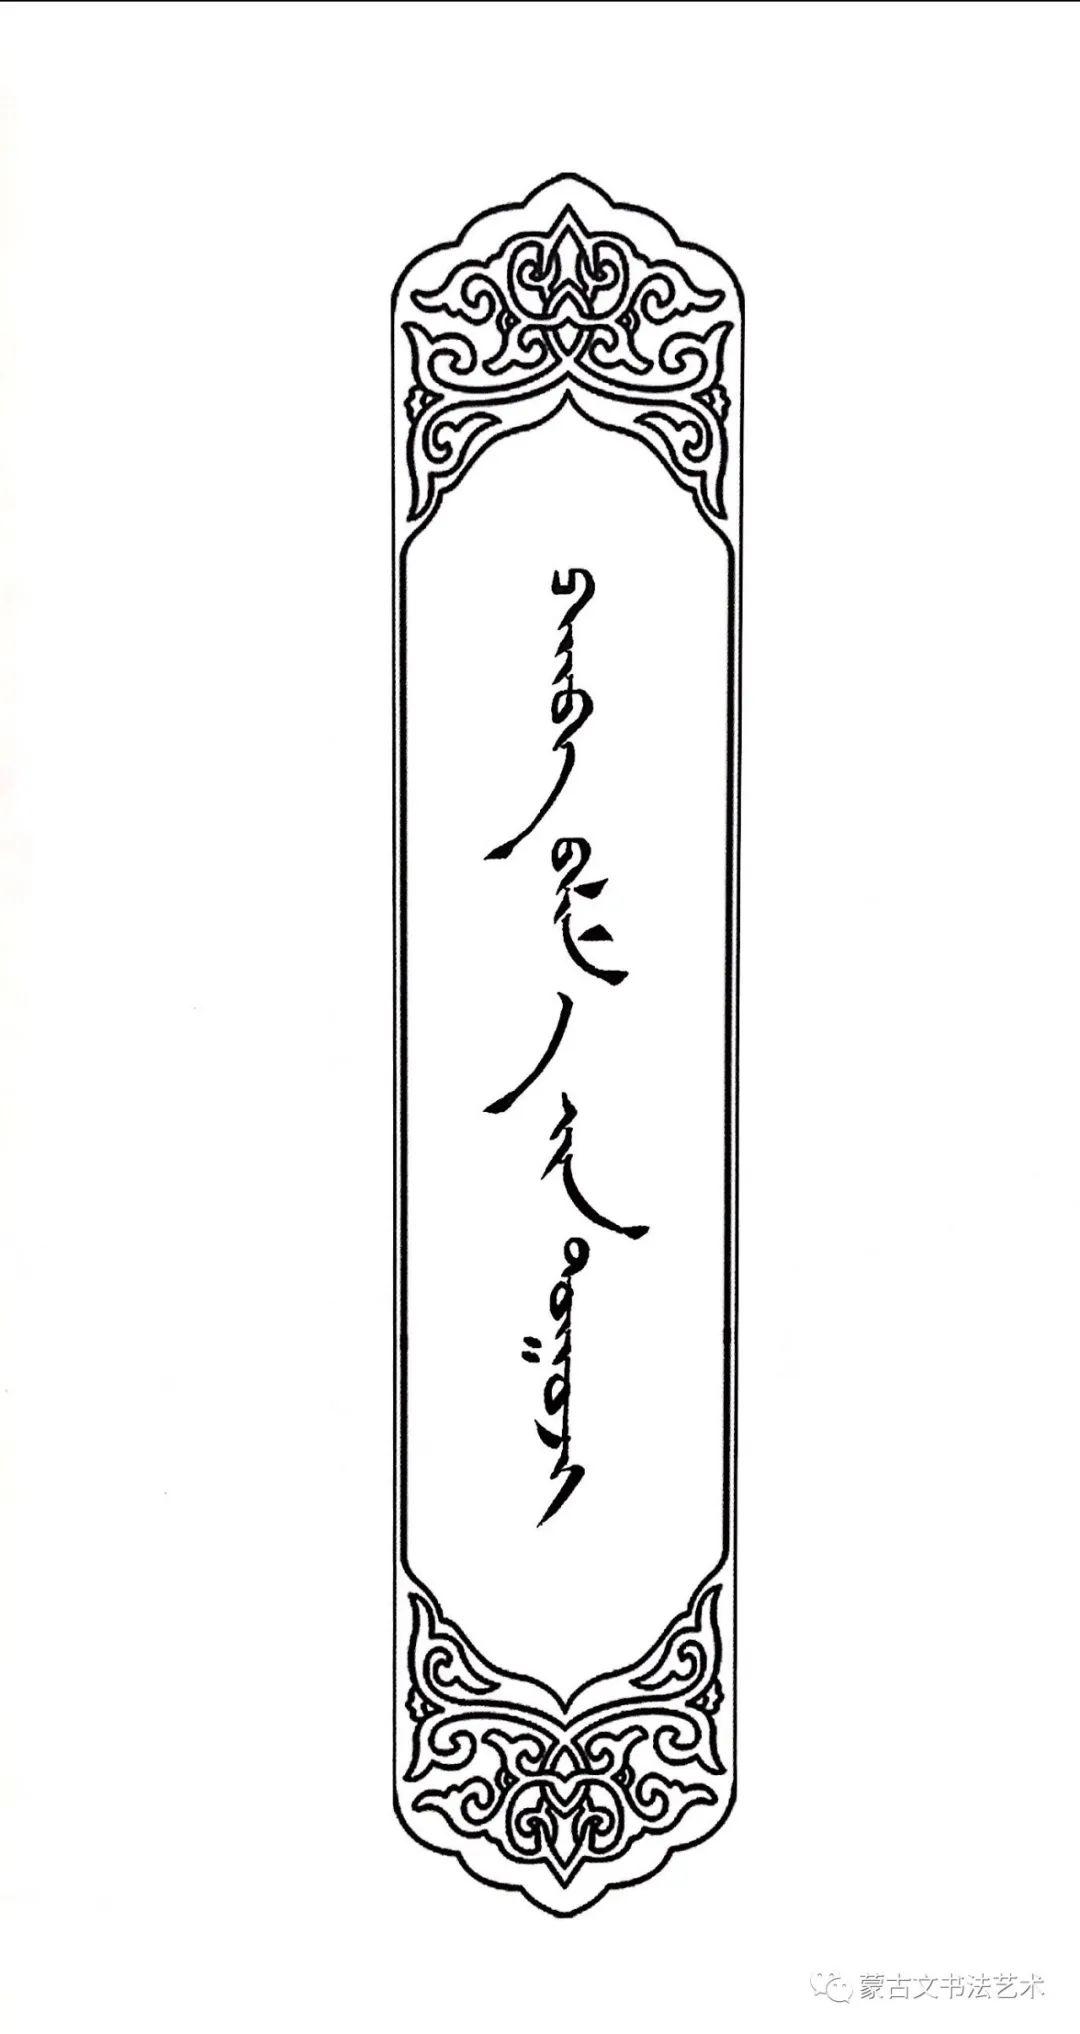 孟克德力格尔楷书著作《八思巴传》